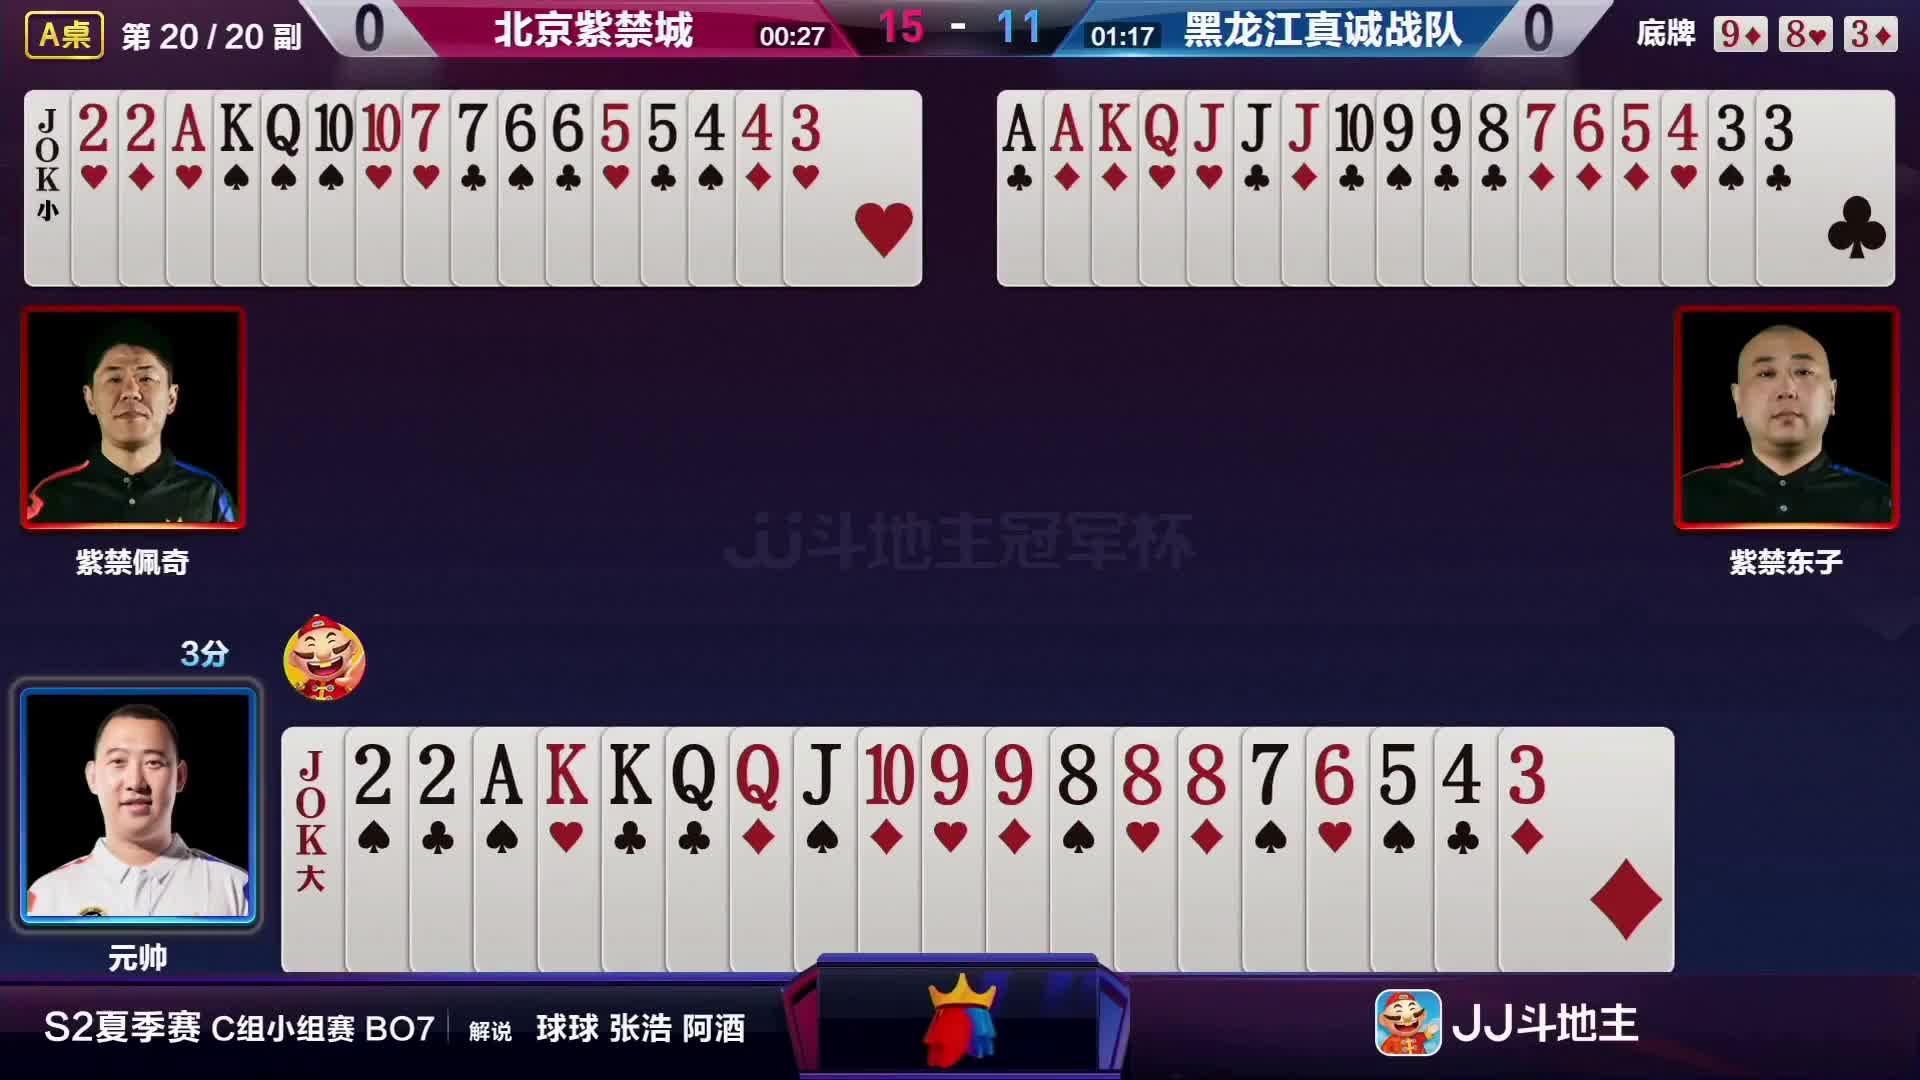 斗地主:AKQJ10巧妙配合76543,地主利落拿下比赛